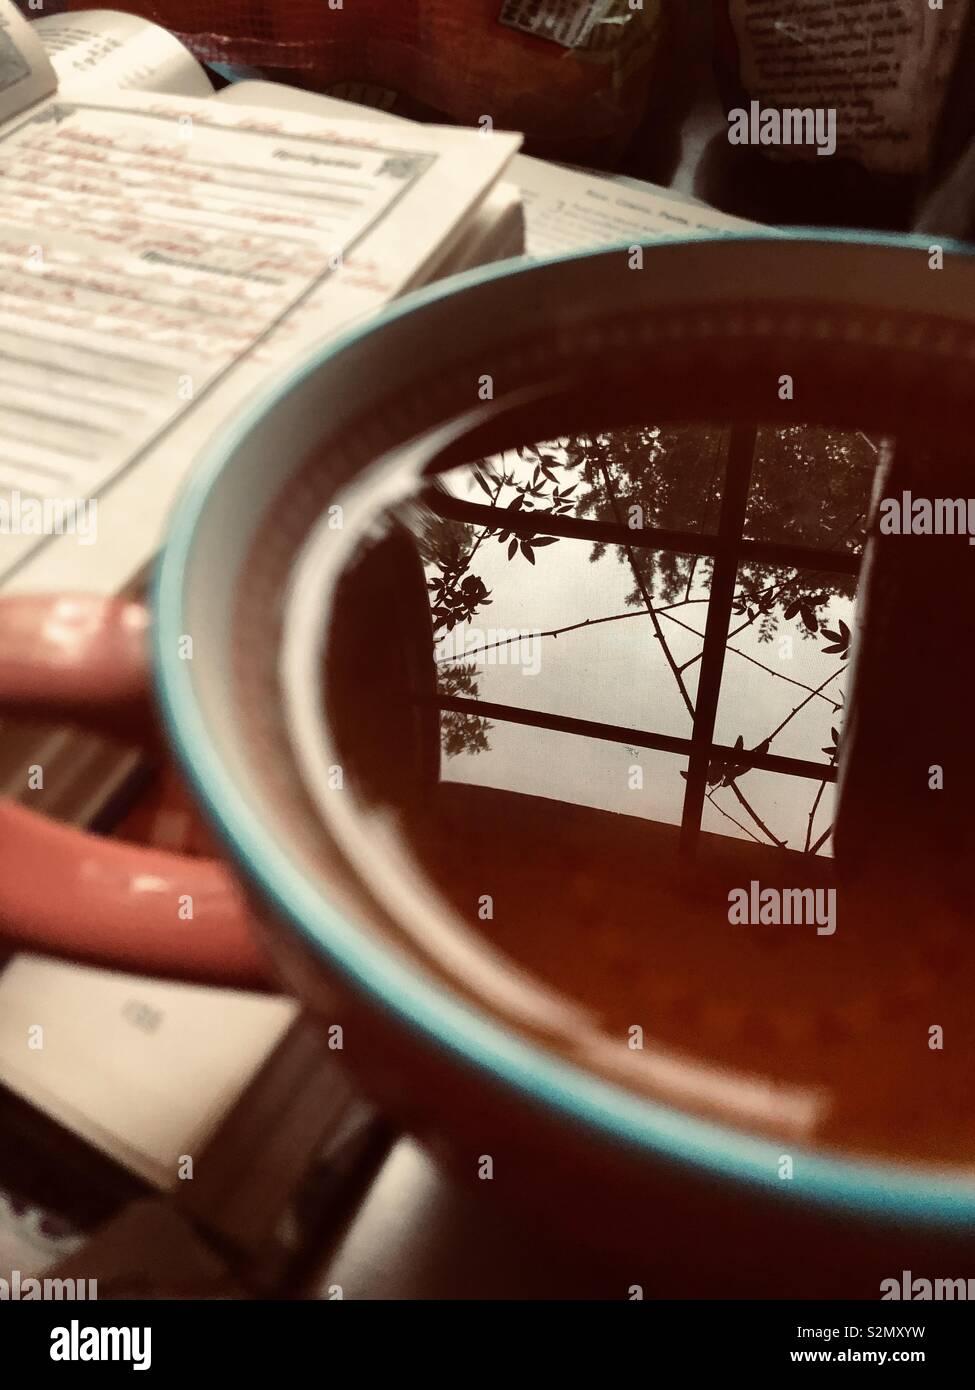 Cerca de una taza de té negro con una ventana de reflexión y una mano notas escritas en un bloc de notas en el fondo Foto de stock